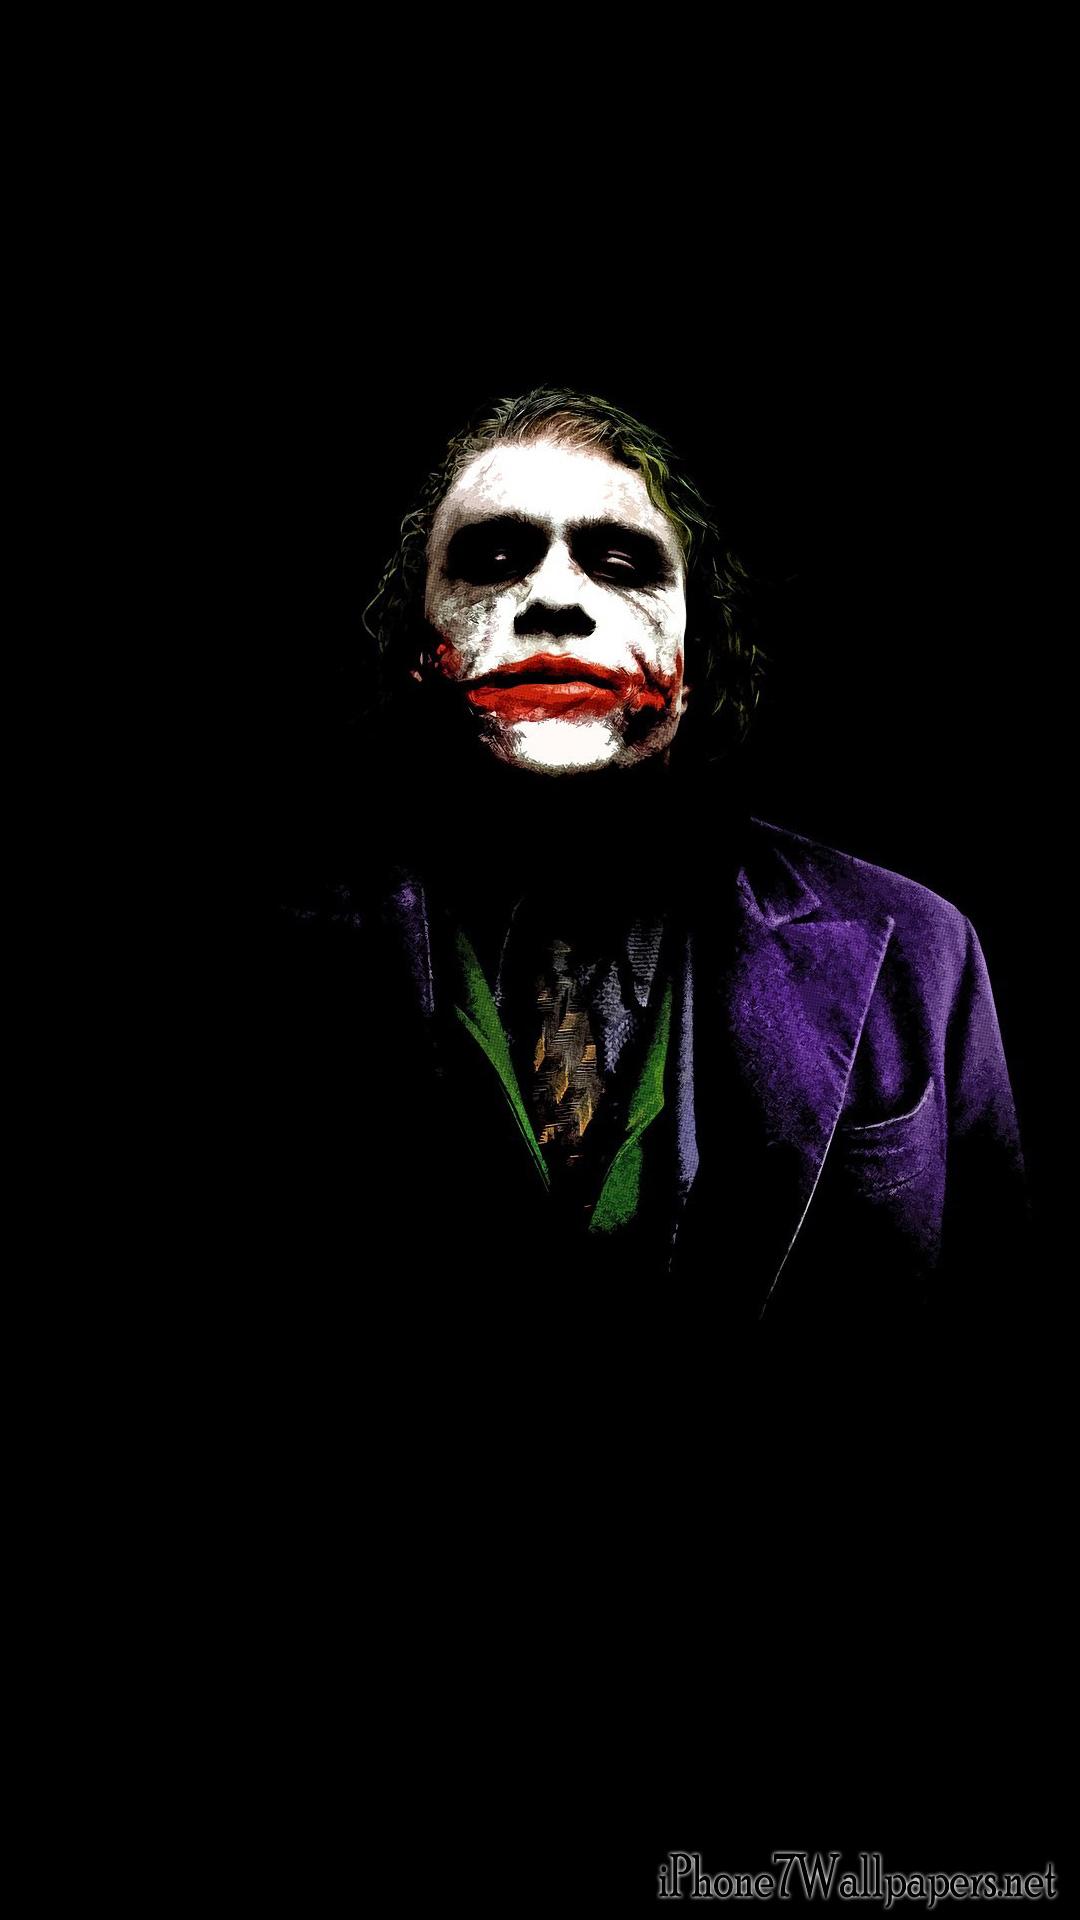 Joker Wallpaper joker iphone wallpaper3 - Supportive Guru